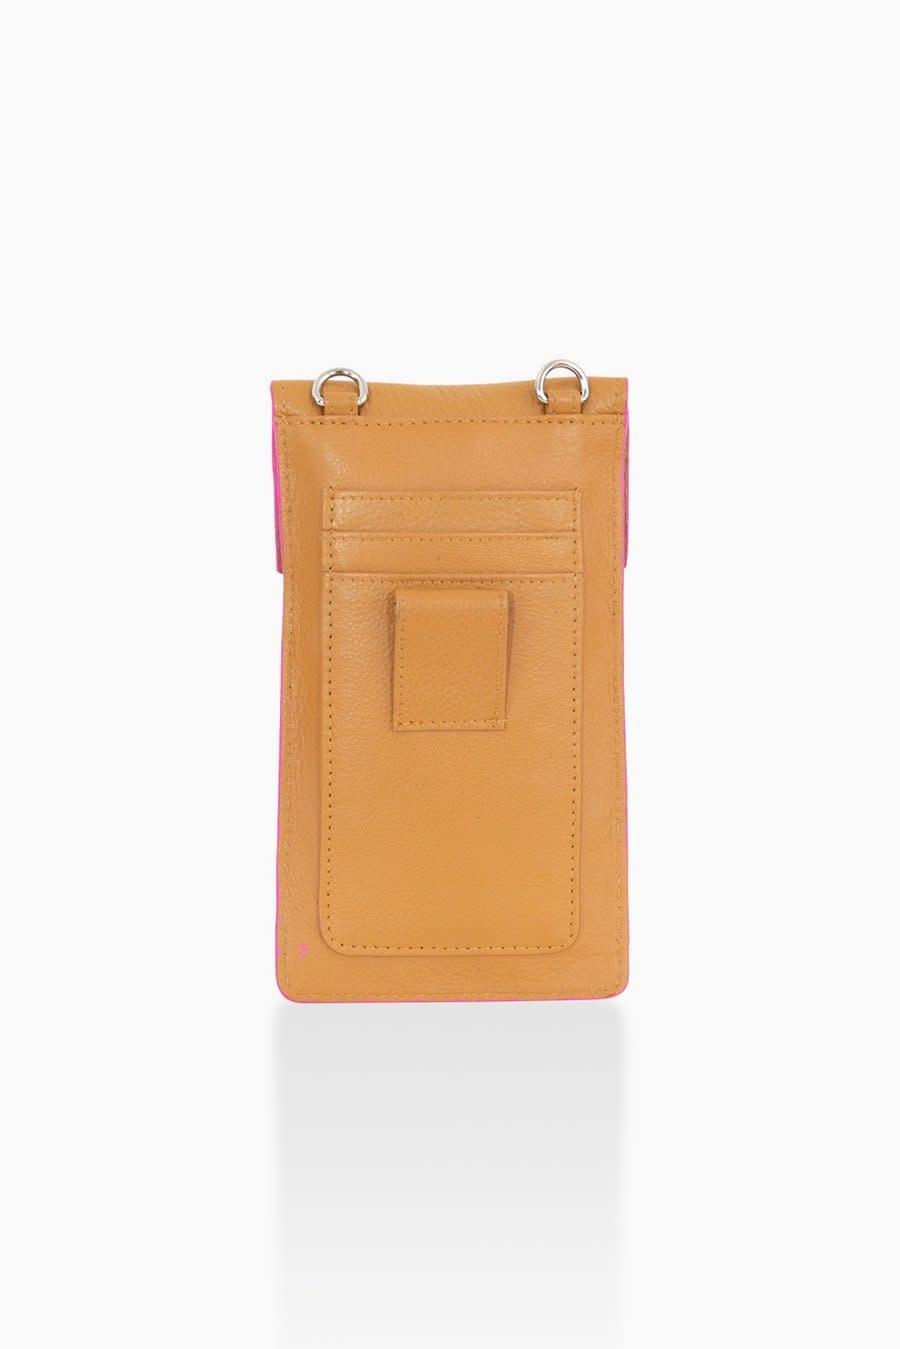 Détail Détail Charm phone bag - caramel 10 x 19 cm